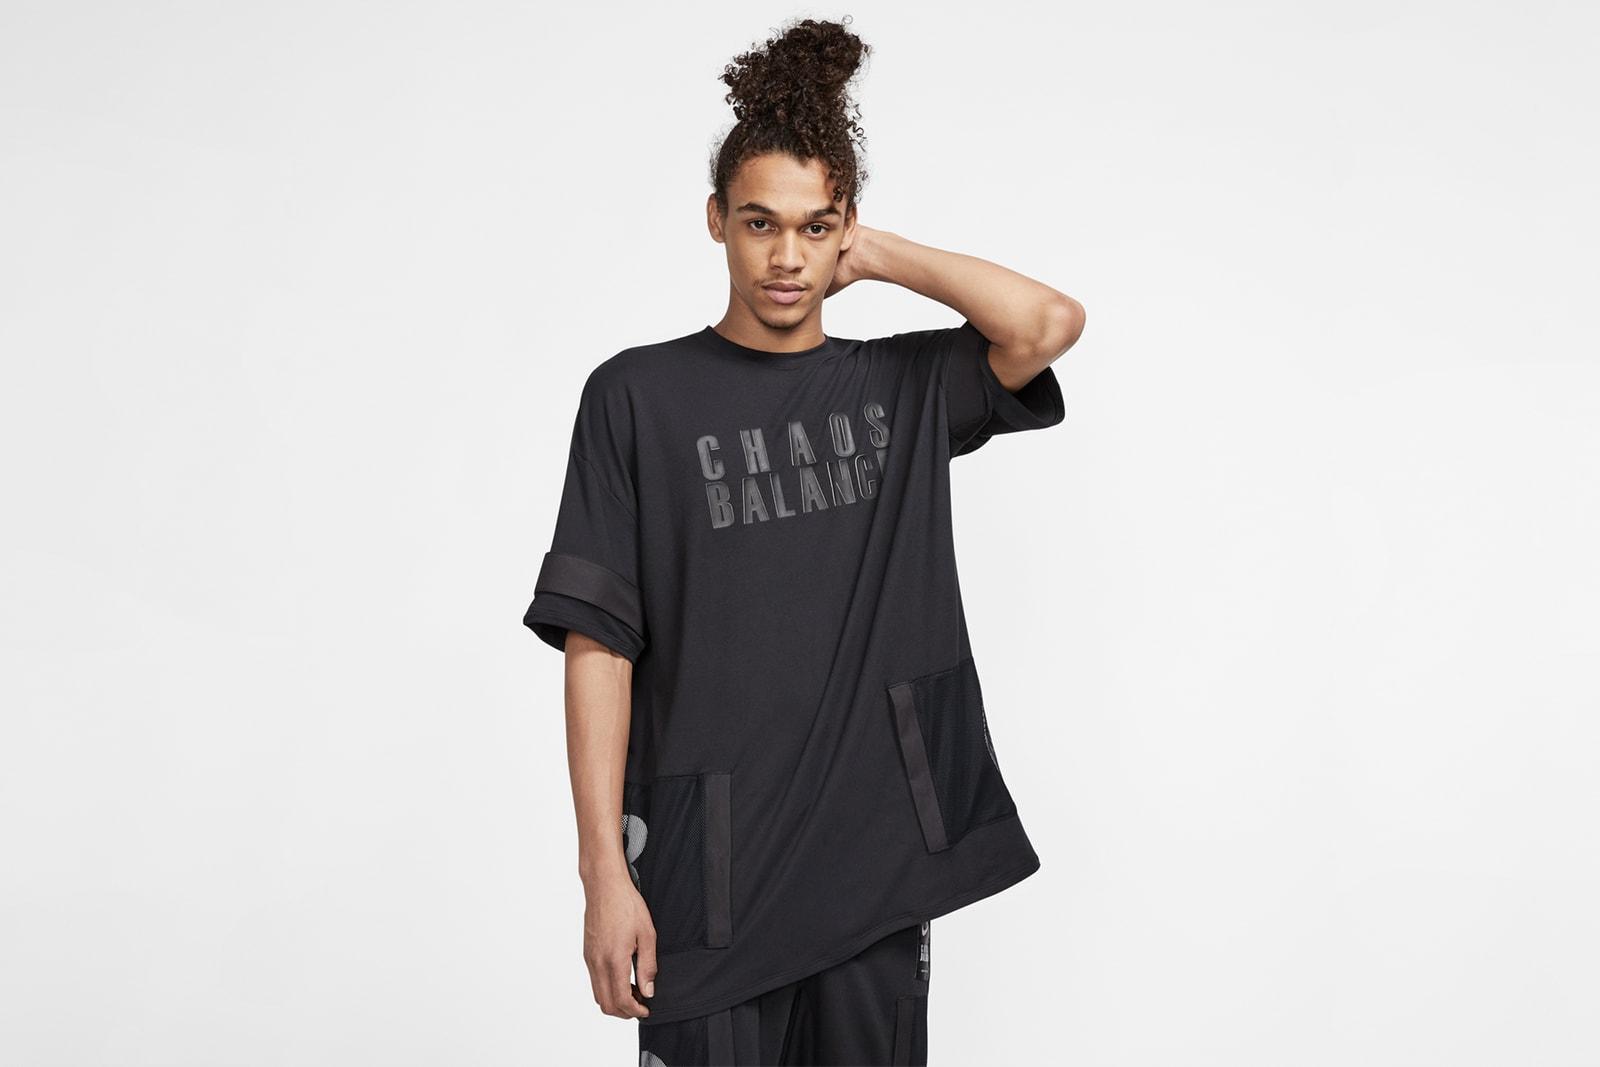 ナイキ アンダーカバー 2019年夏 コラボ コレクション デイブレーク スニーカー シューズ daybreak Nike UNDERCOVER